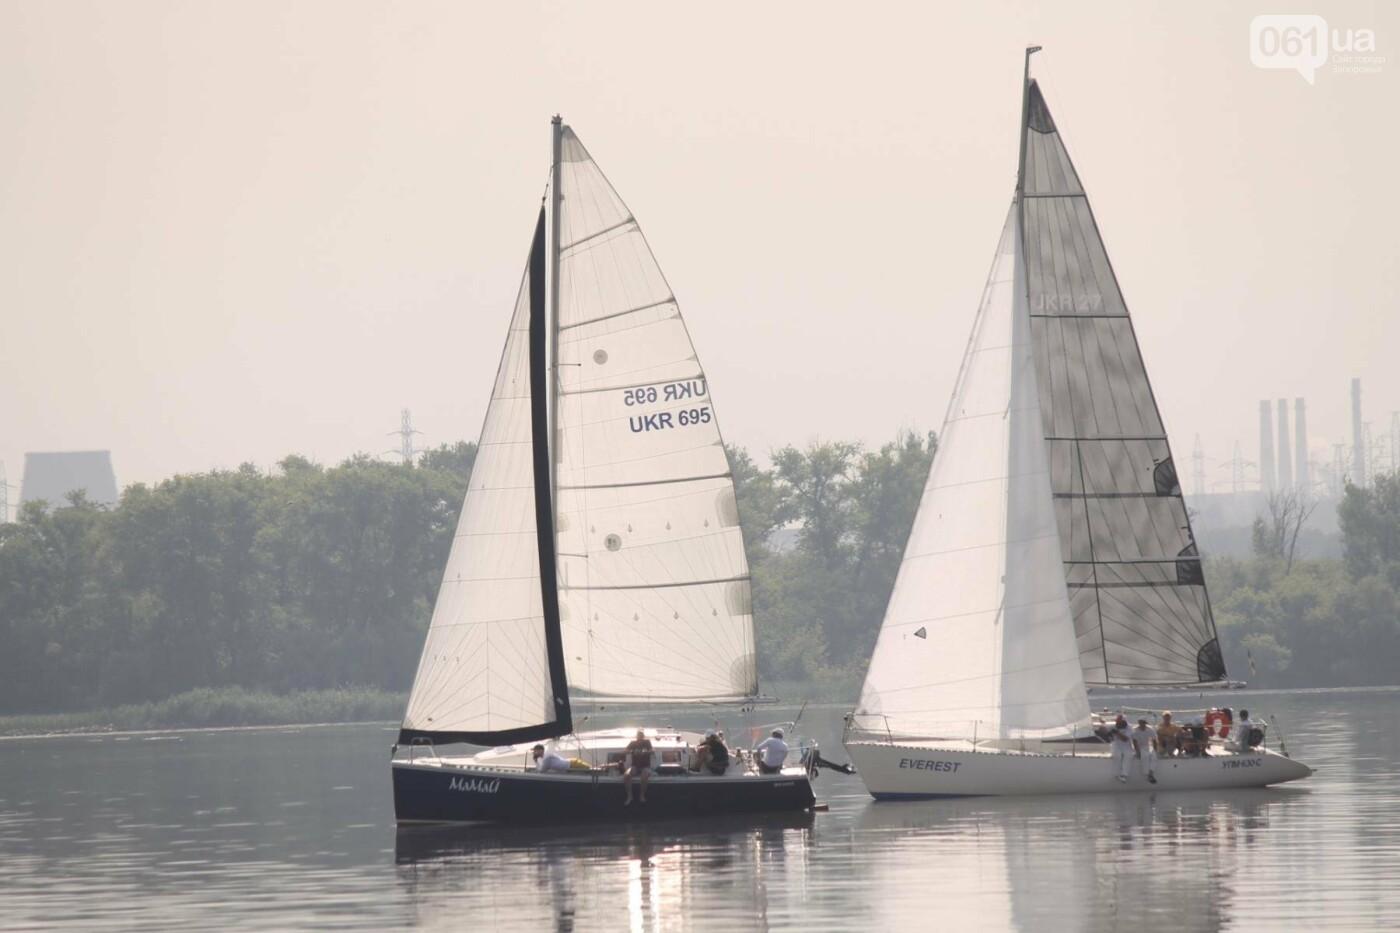 Сотни спортсменов и десятки яхт: как в Запорожье проходит парусная регата, – ФОТОРЕПОРТАЖ, фото-4